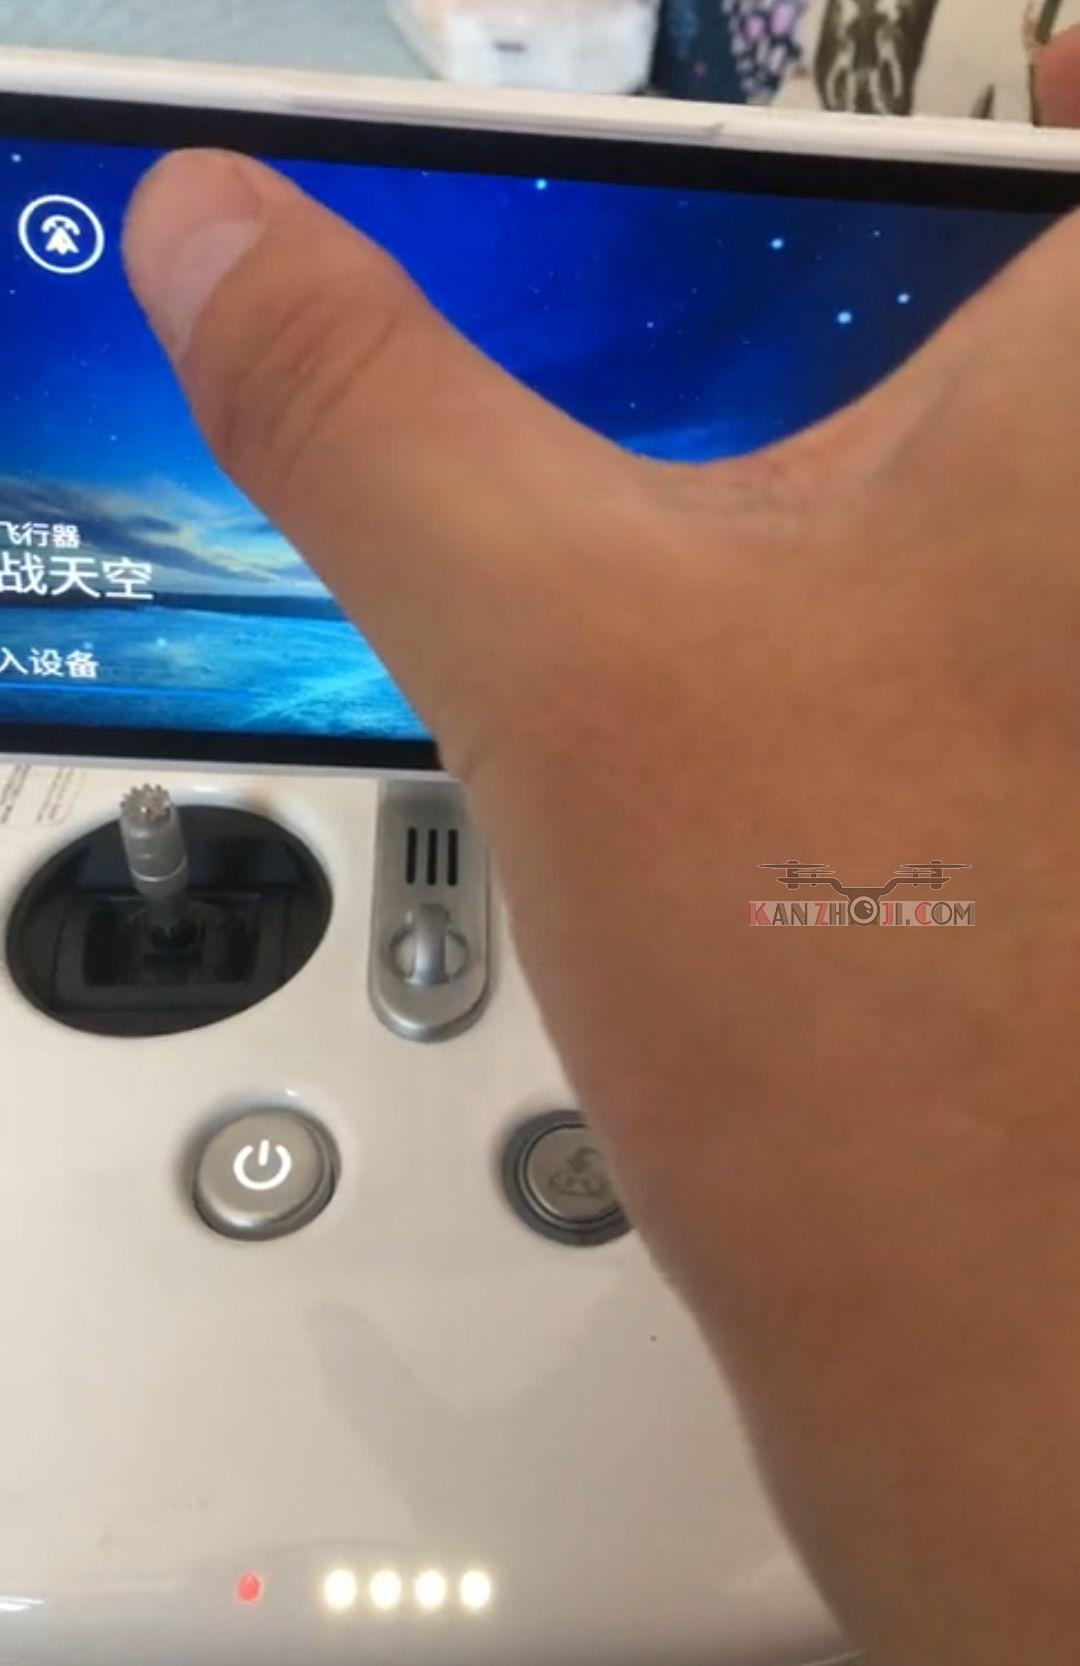 大疆带屏遥控器产品本身有问题!!!售后坑钱!